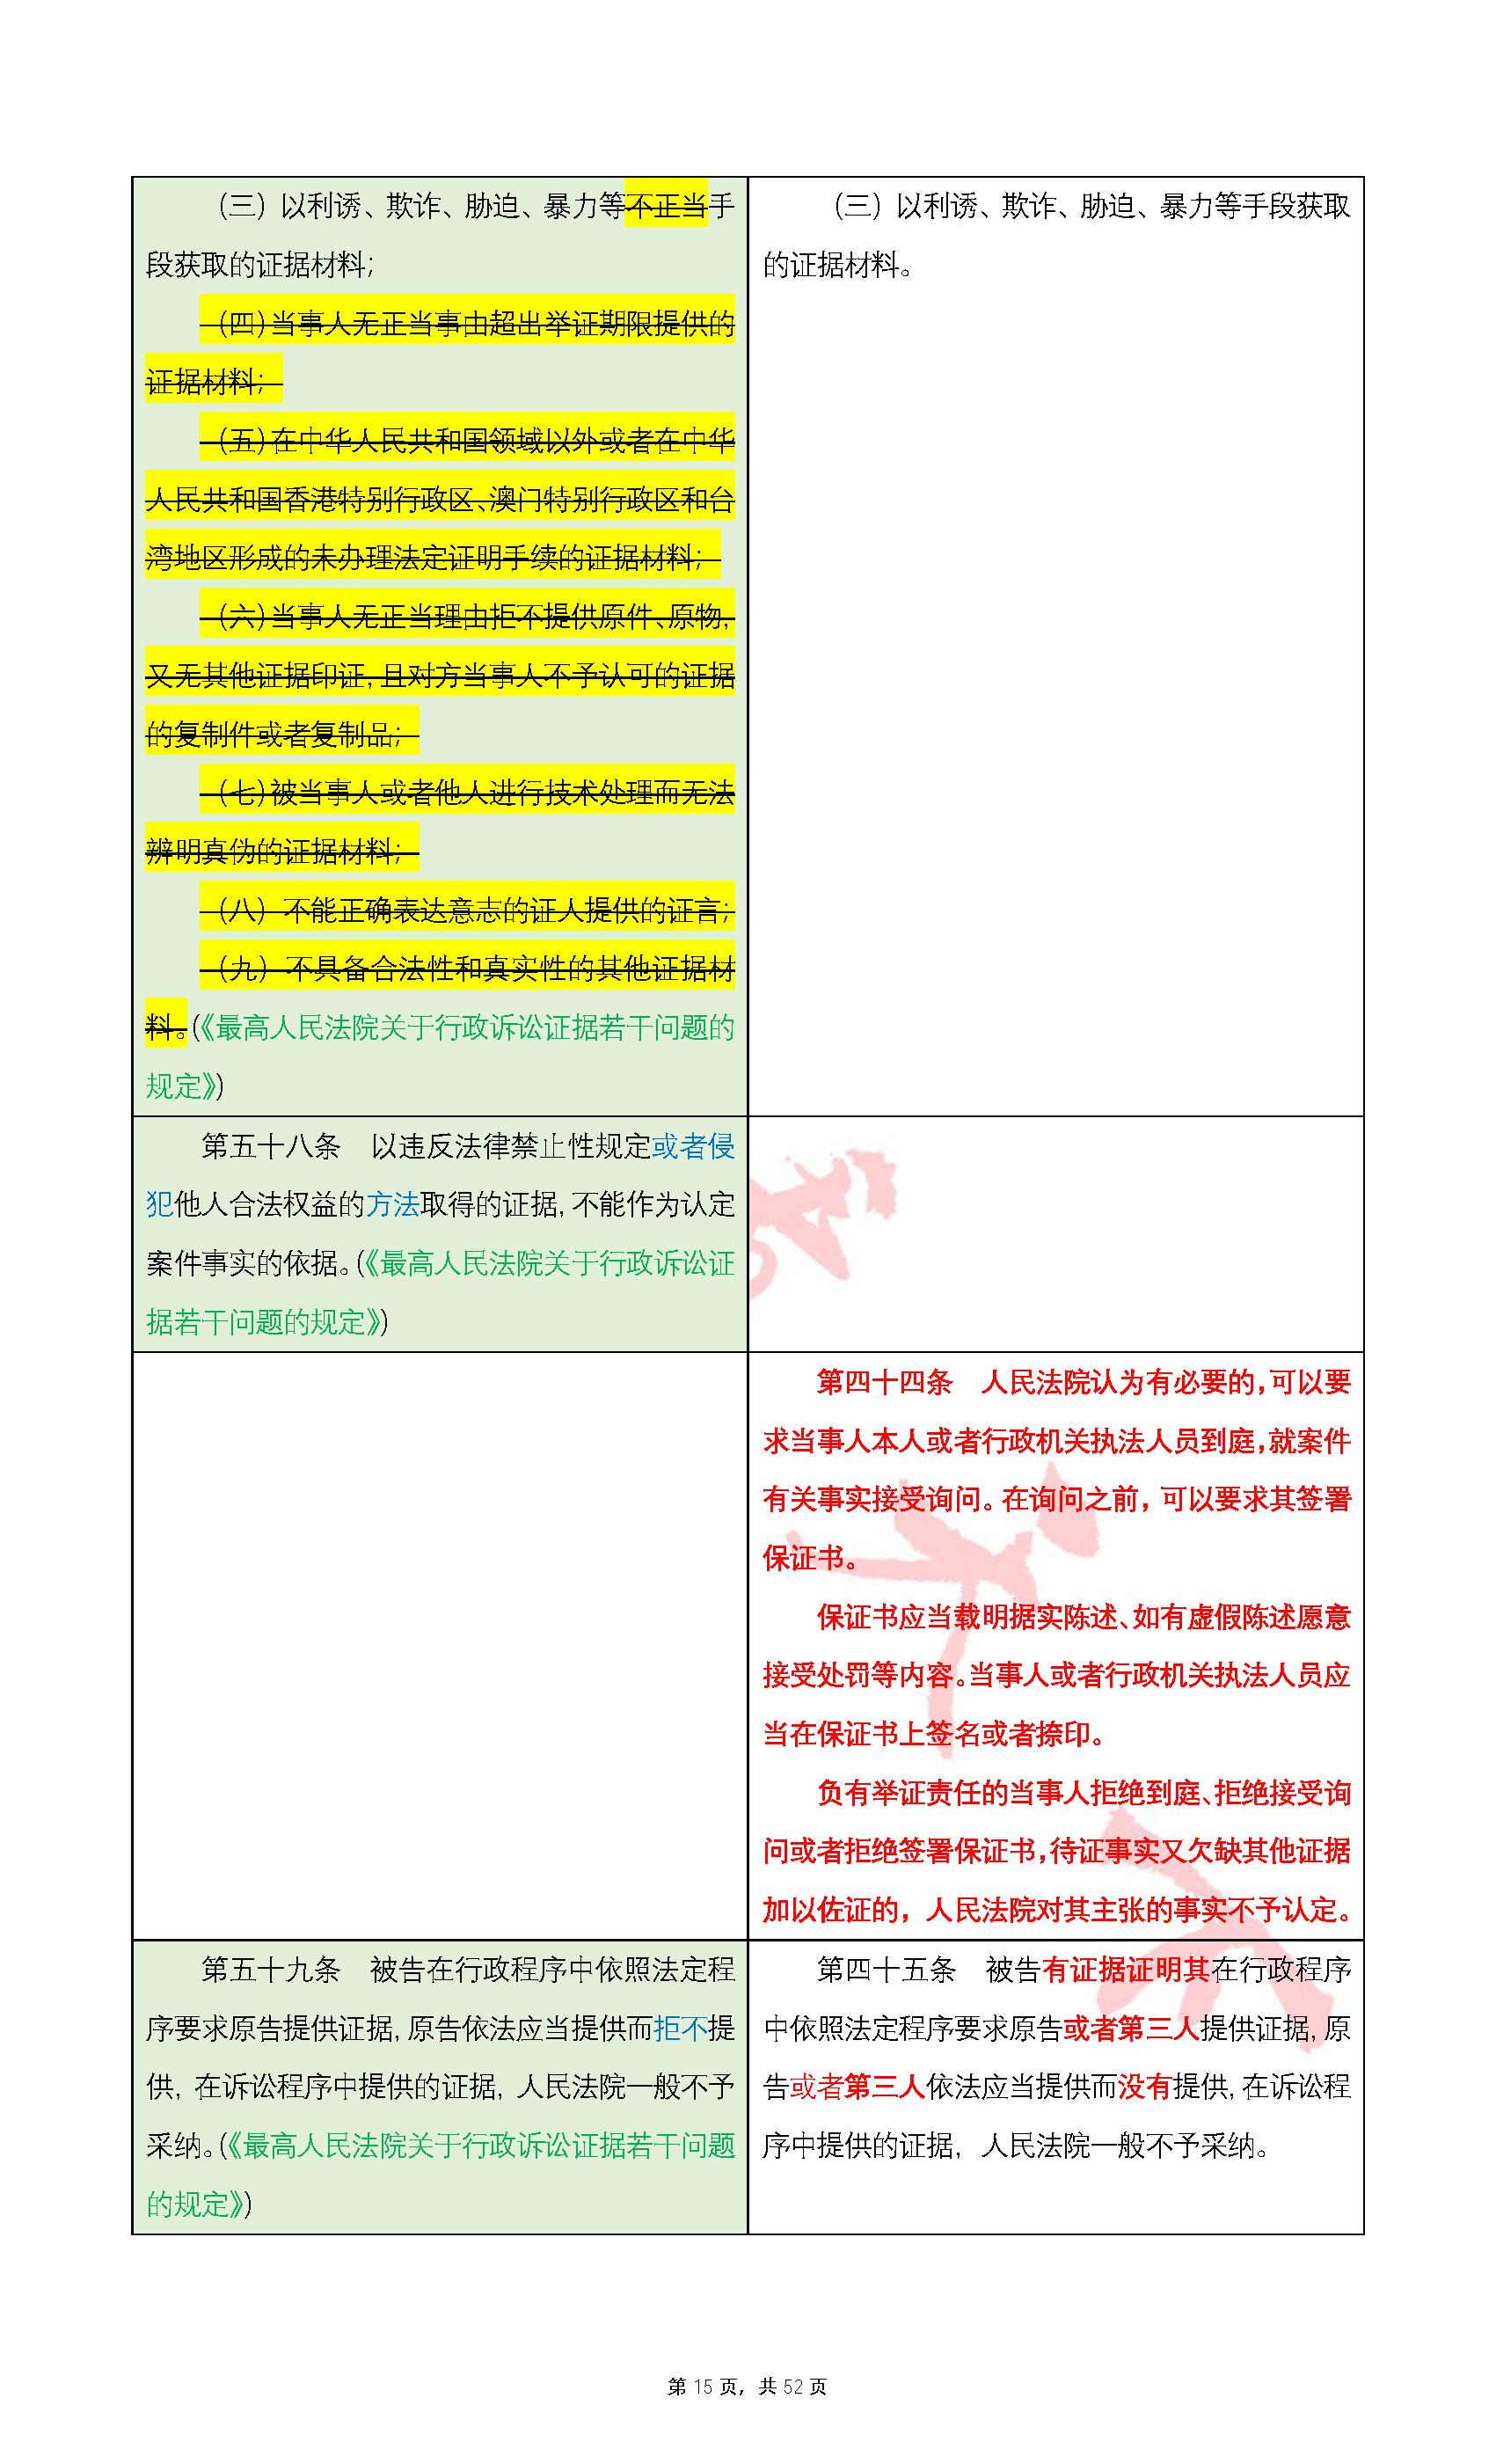 表_页面_15.png